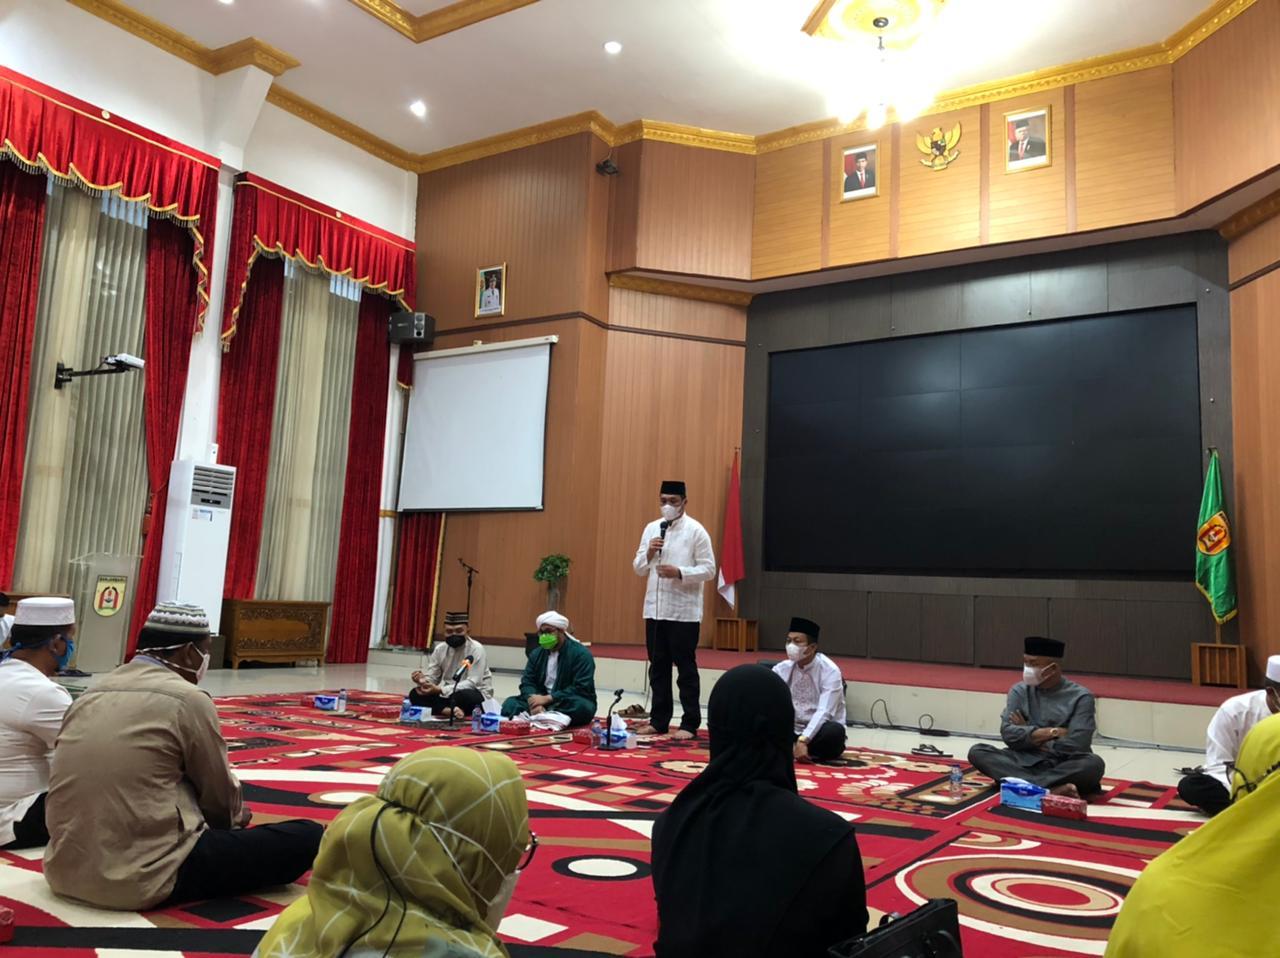 Buka Puasa Wali Kota Banjarbaru dan Wakil Wali Kota Banjarbaru bersama  Camat, Lurah dan Jajarannya.